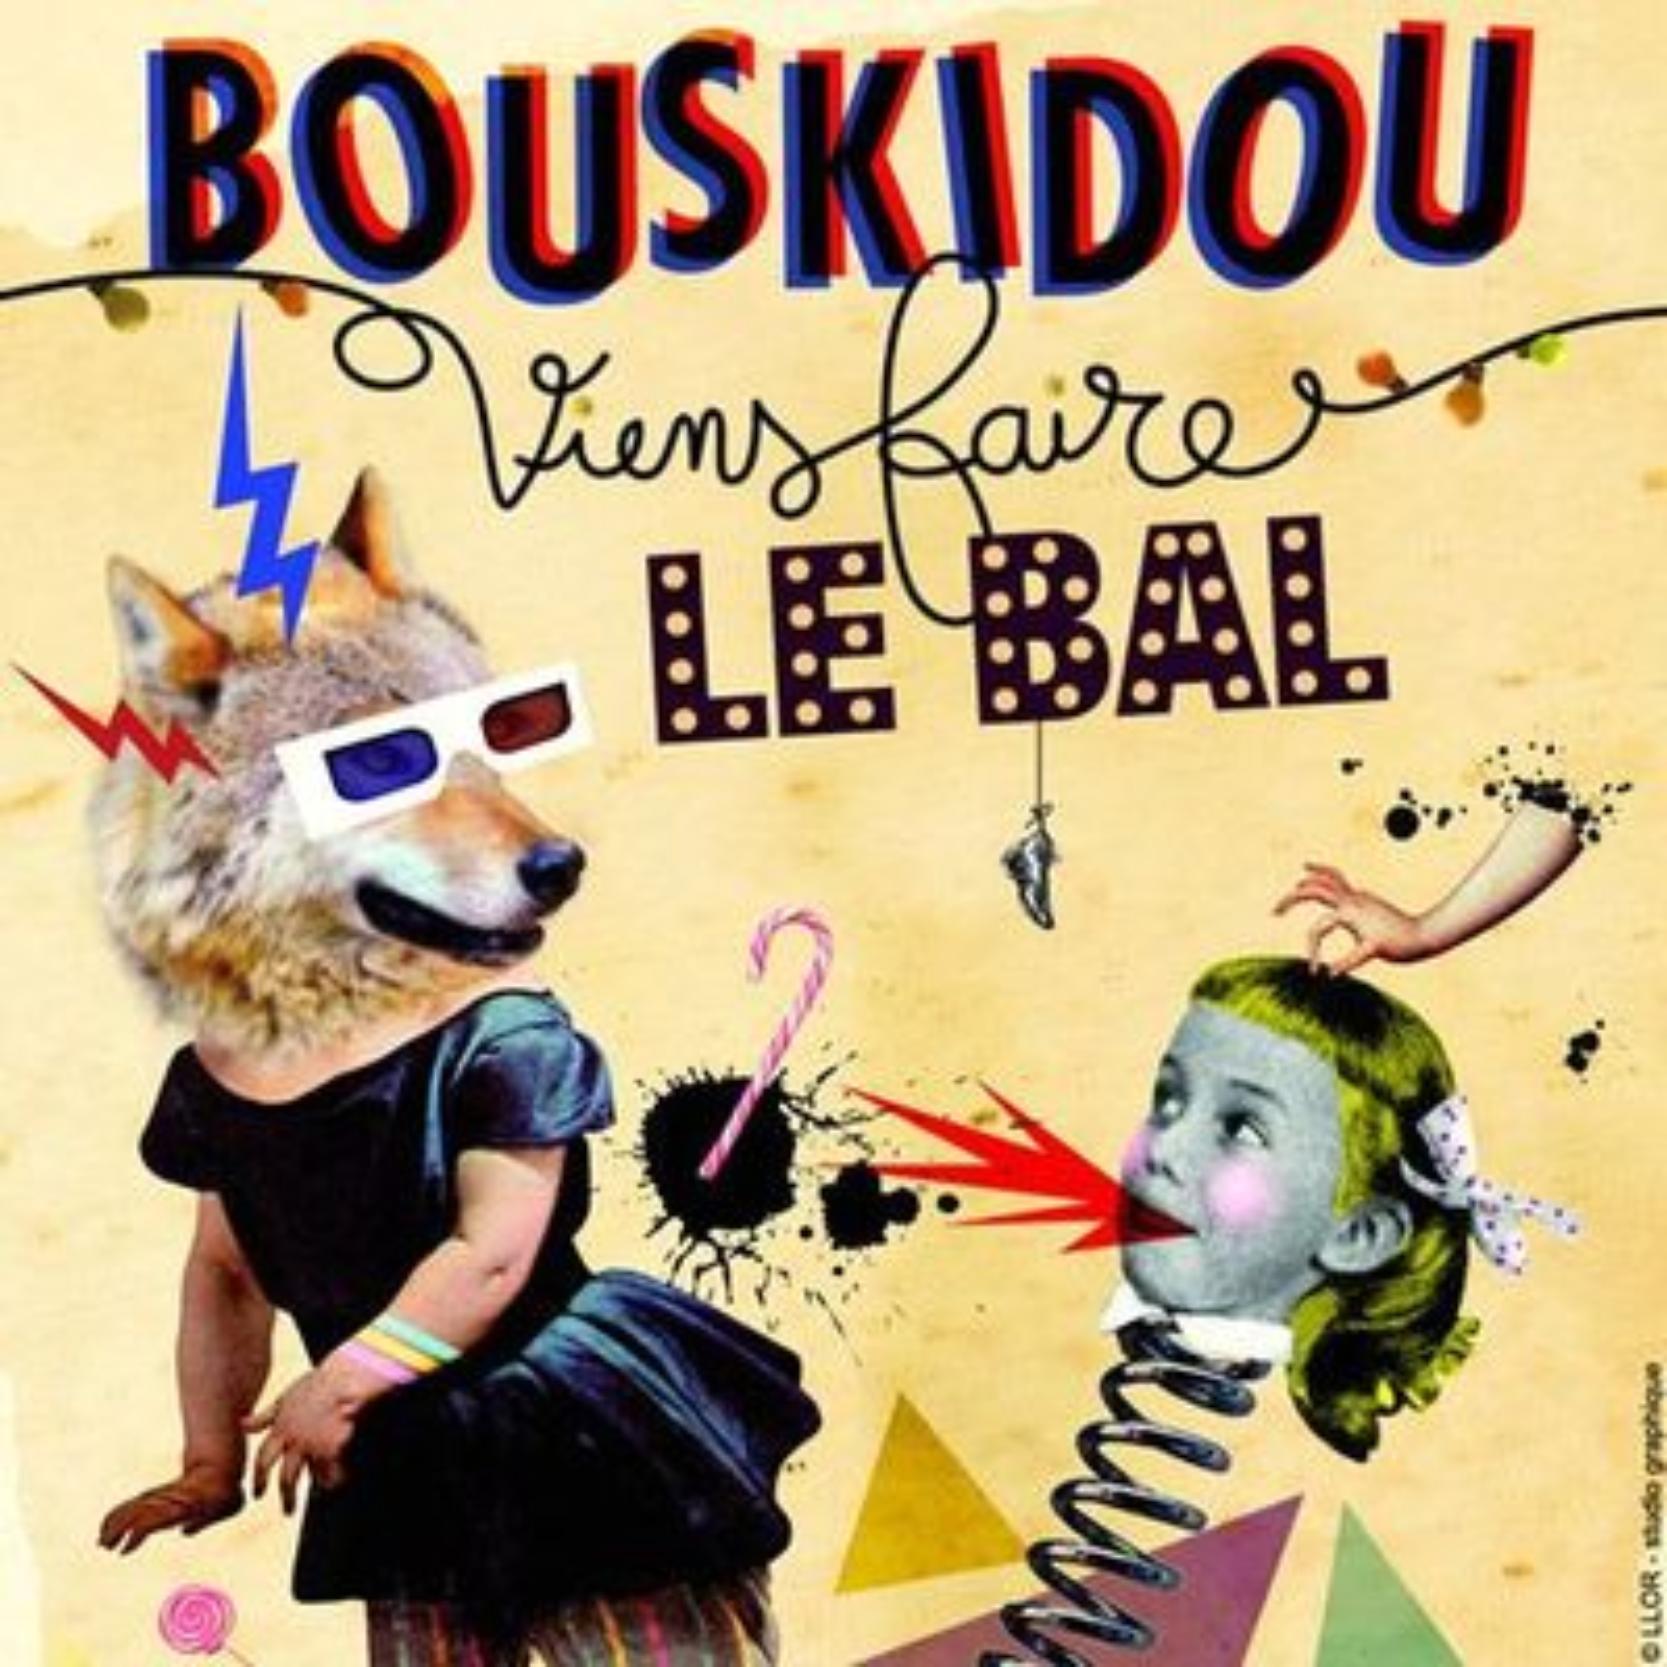 Les Bouskidou